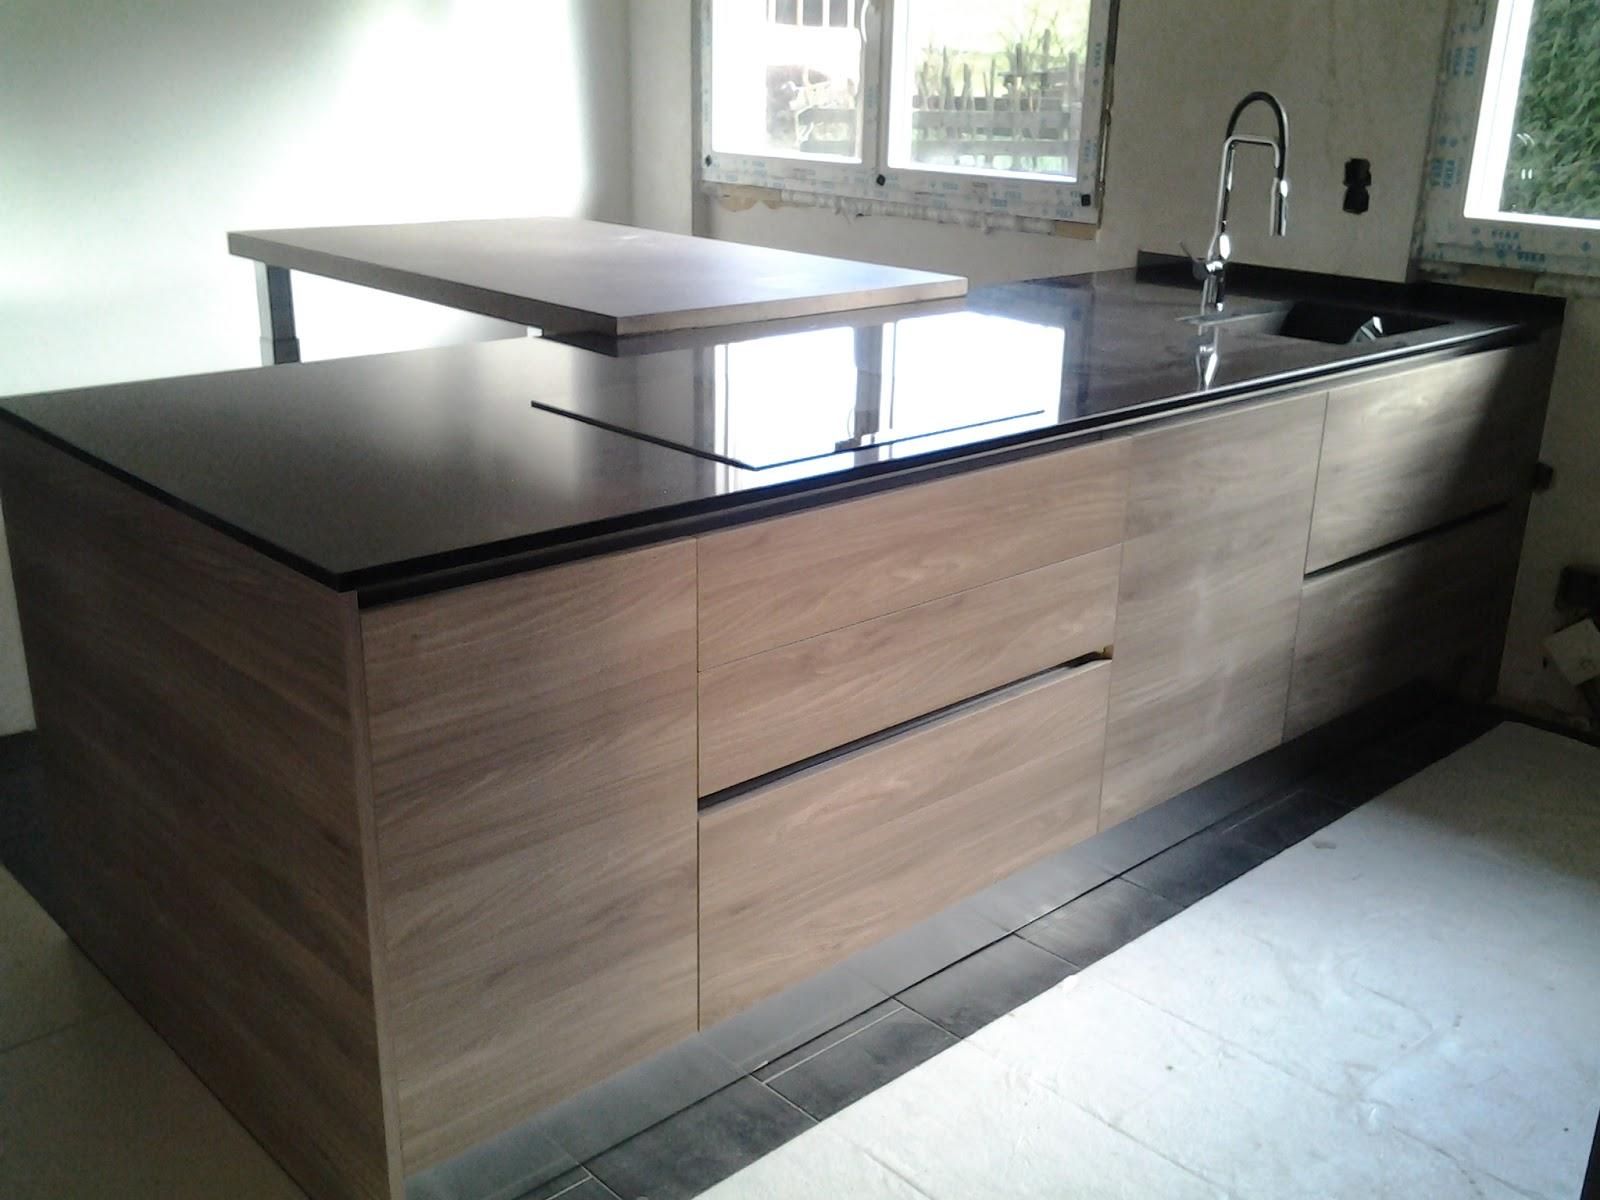 Mobili griva arredamento e design torino cucine moderne - Cucine a giorno ...